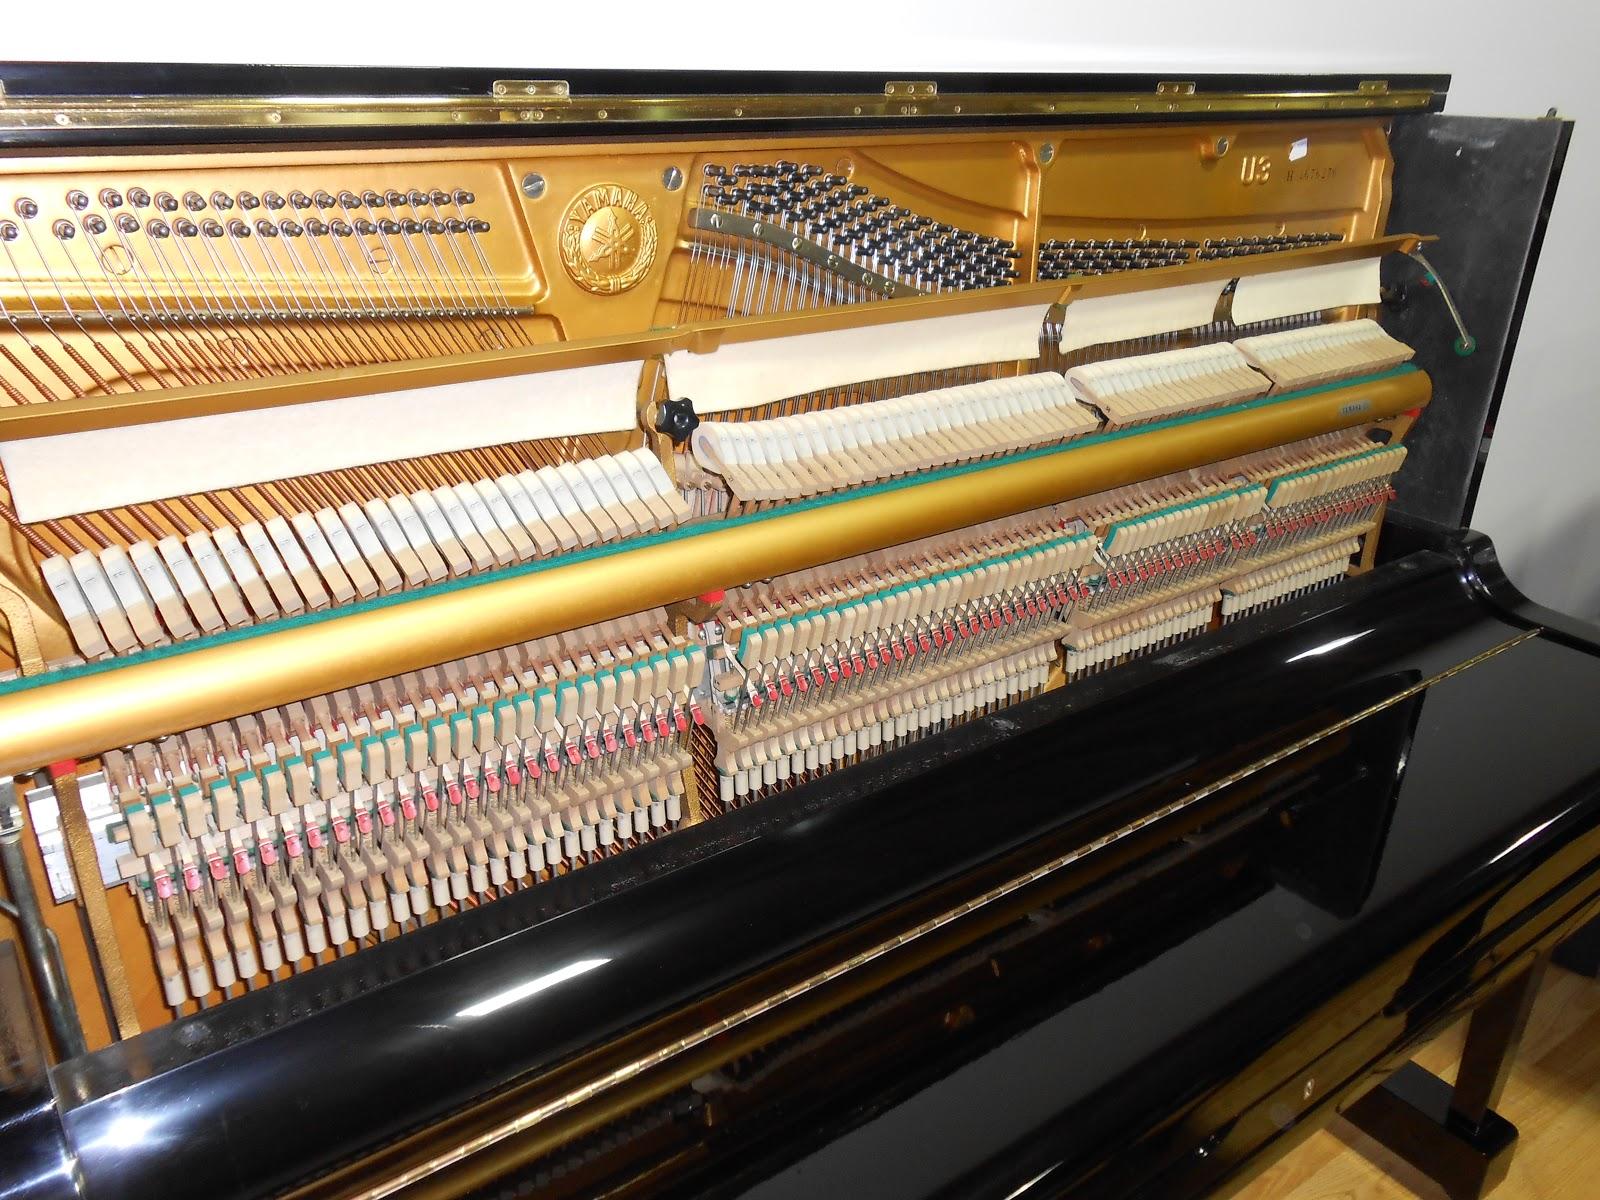 Yamaha u3 upright piano ebay for Used yamaha u3 upright piano